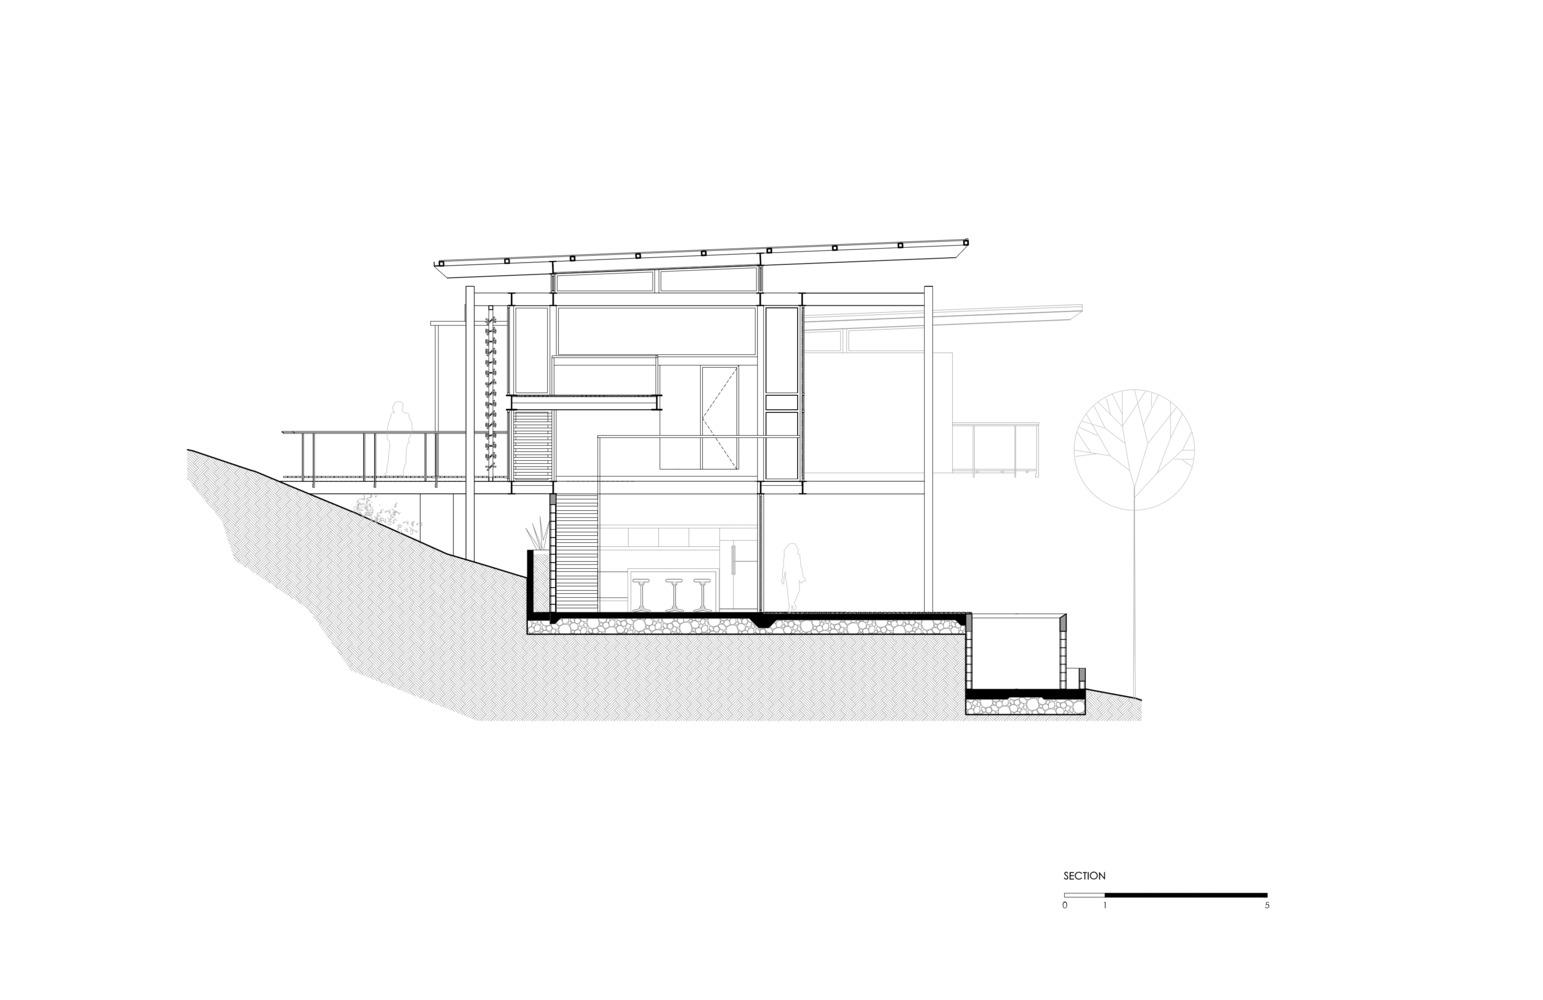 an tuong ngoi nha duoc thiet ke hoan toan bang go kinh va khung sat tai nosara costa rica 4 - Ấn tượng ngôi nhà được thiết kế hoàn toàn bằng gỗ, kính và khung sắt tại Nosara Costa Rica